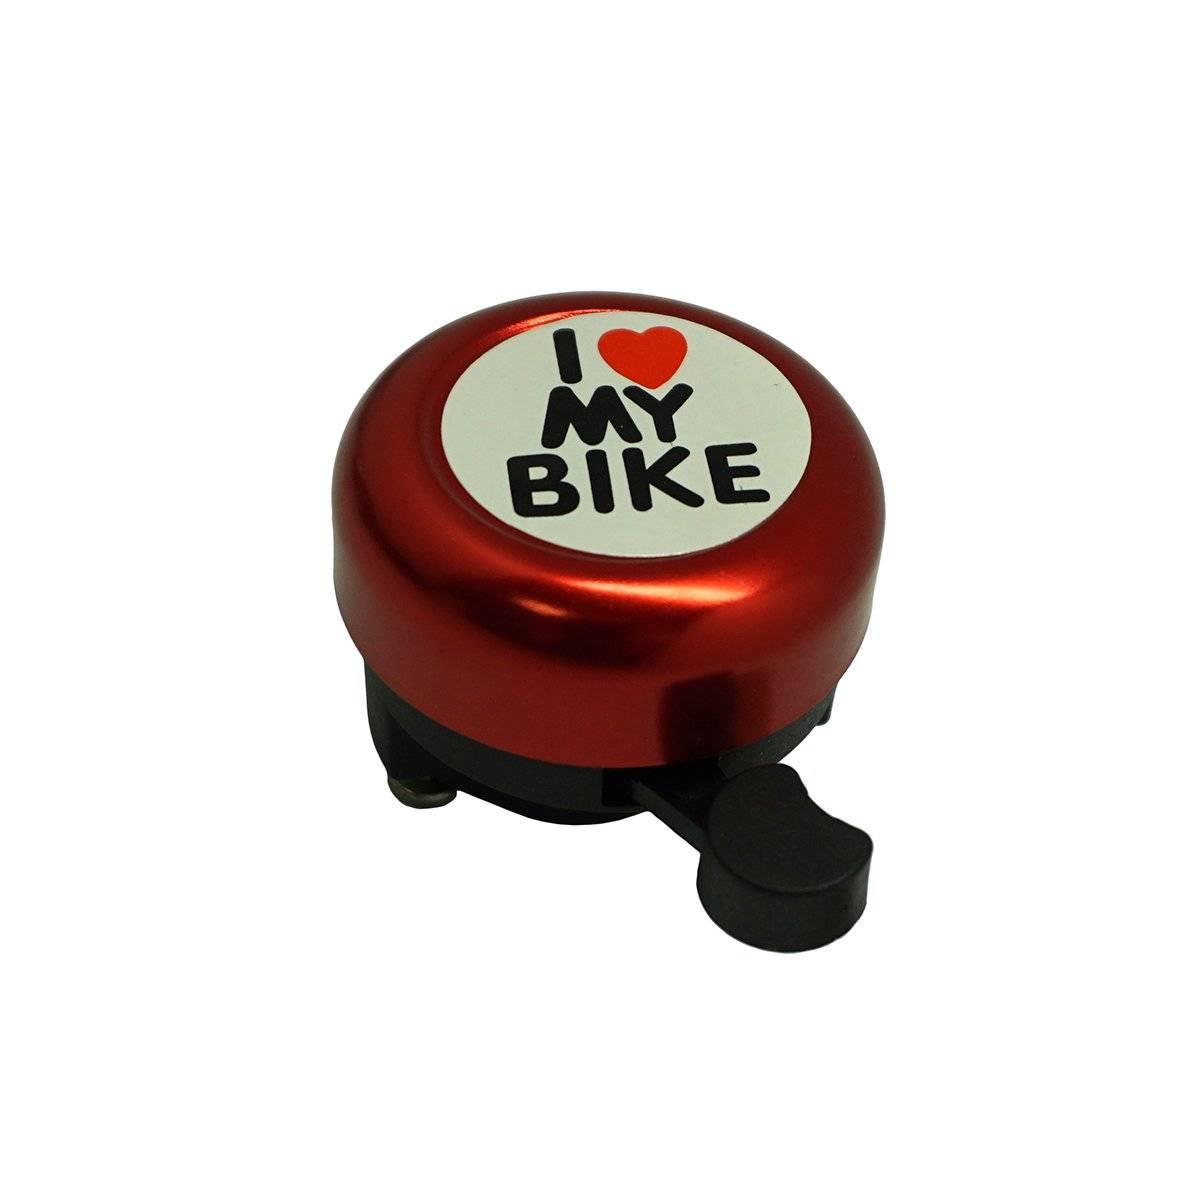 Звонок велосипедный Bike красный, в торговой упаковке